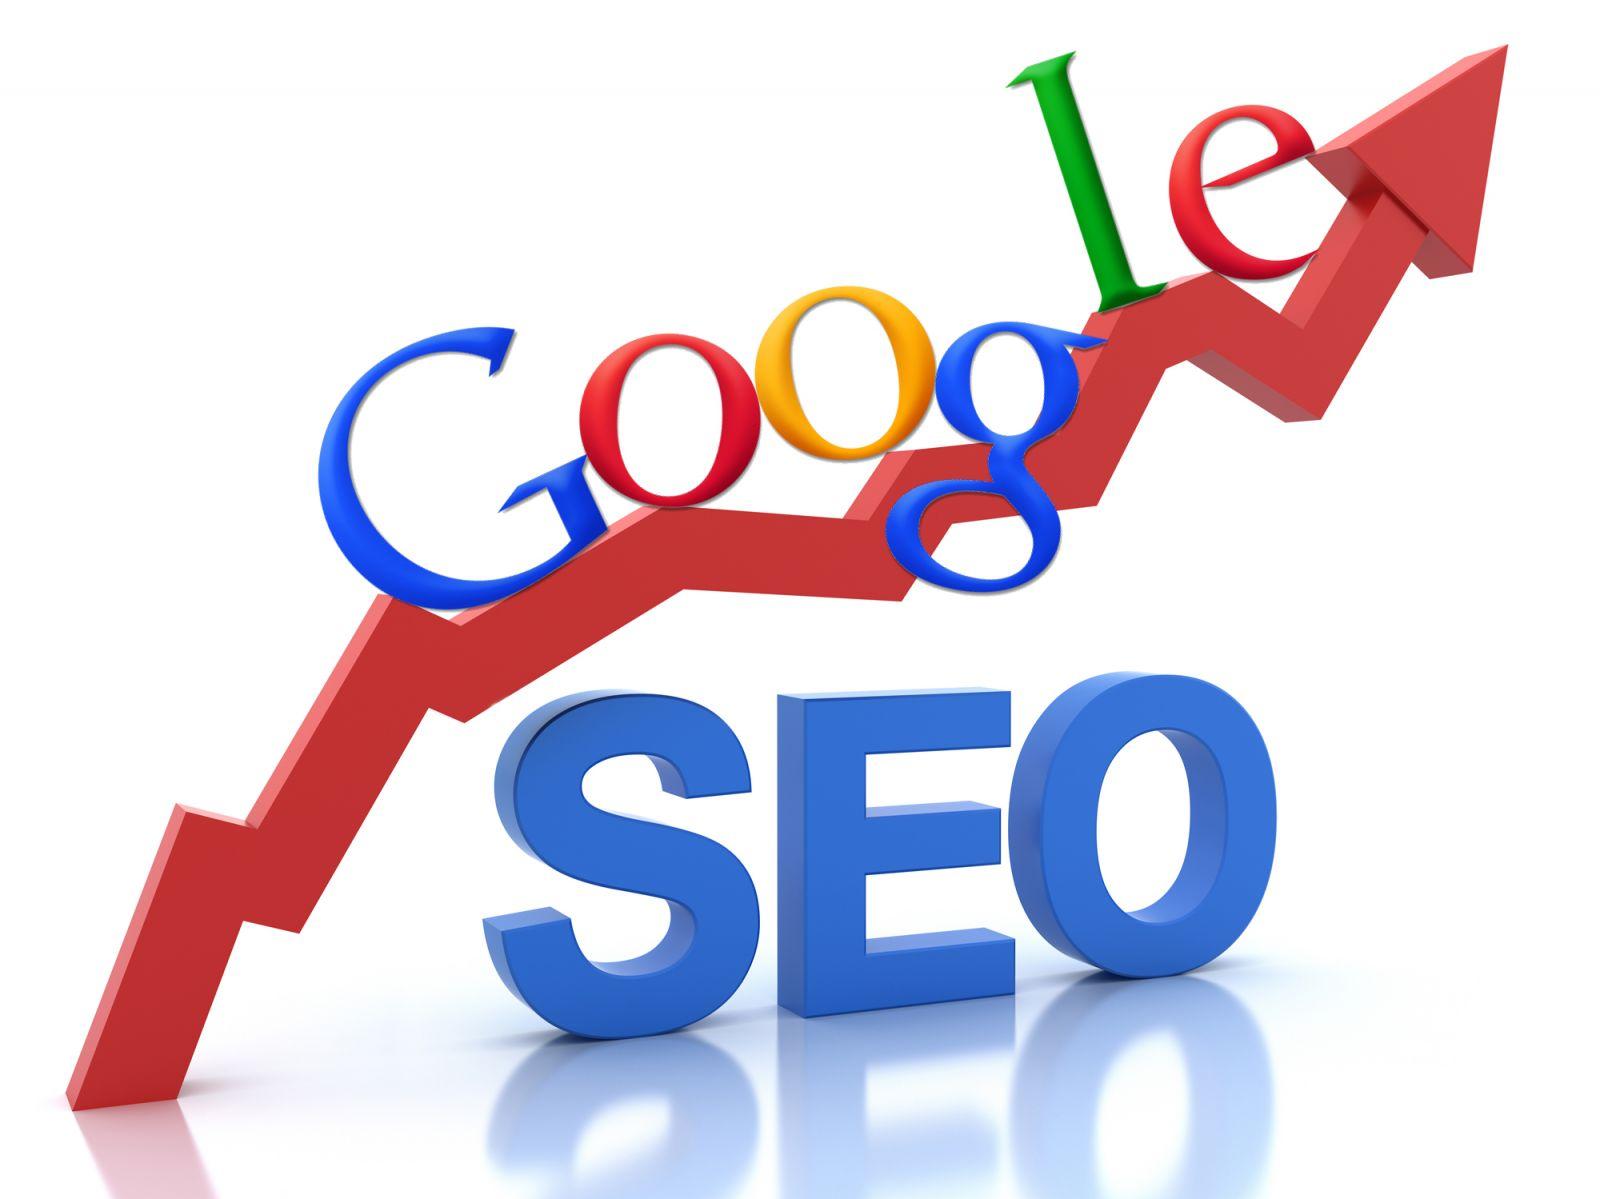 Thúc đẩy chiến lược marketing website bất động sản hiệu quả